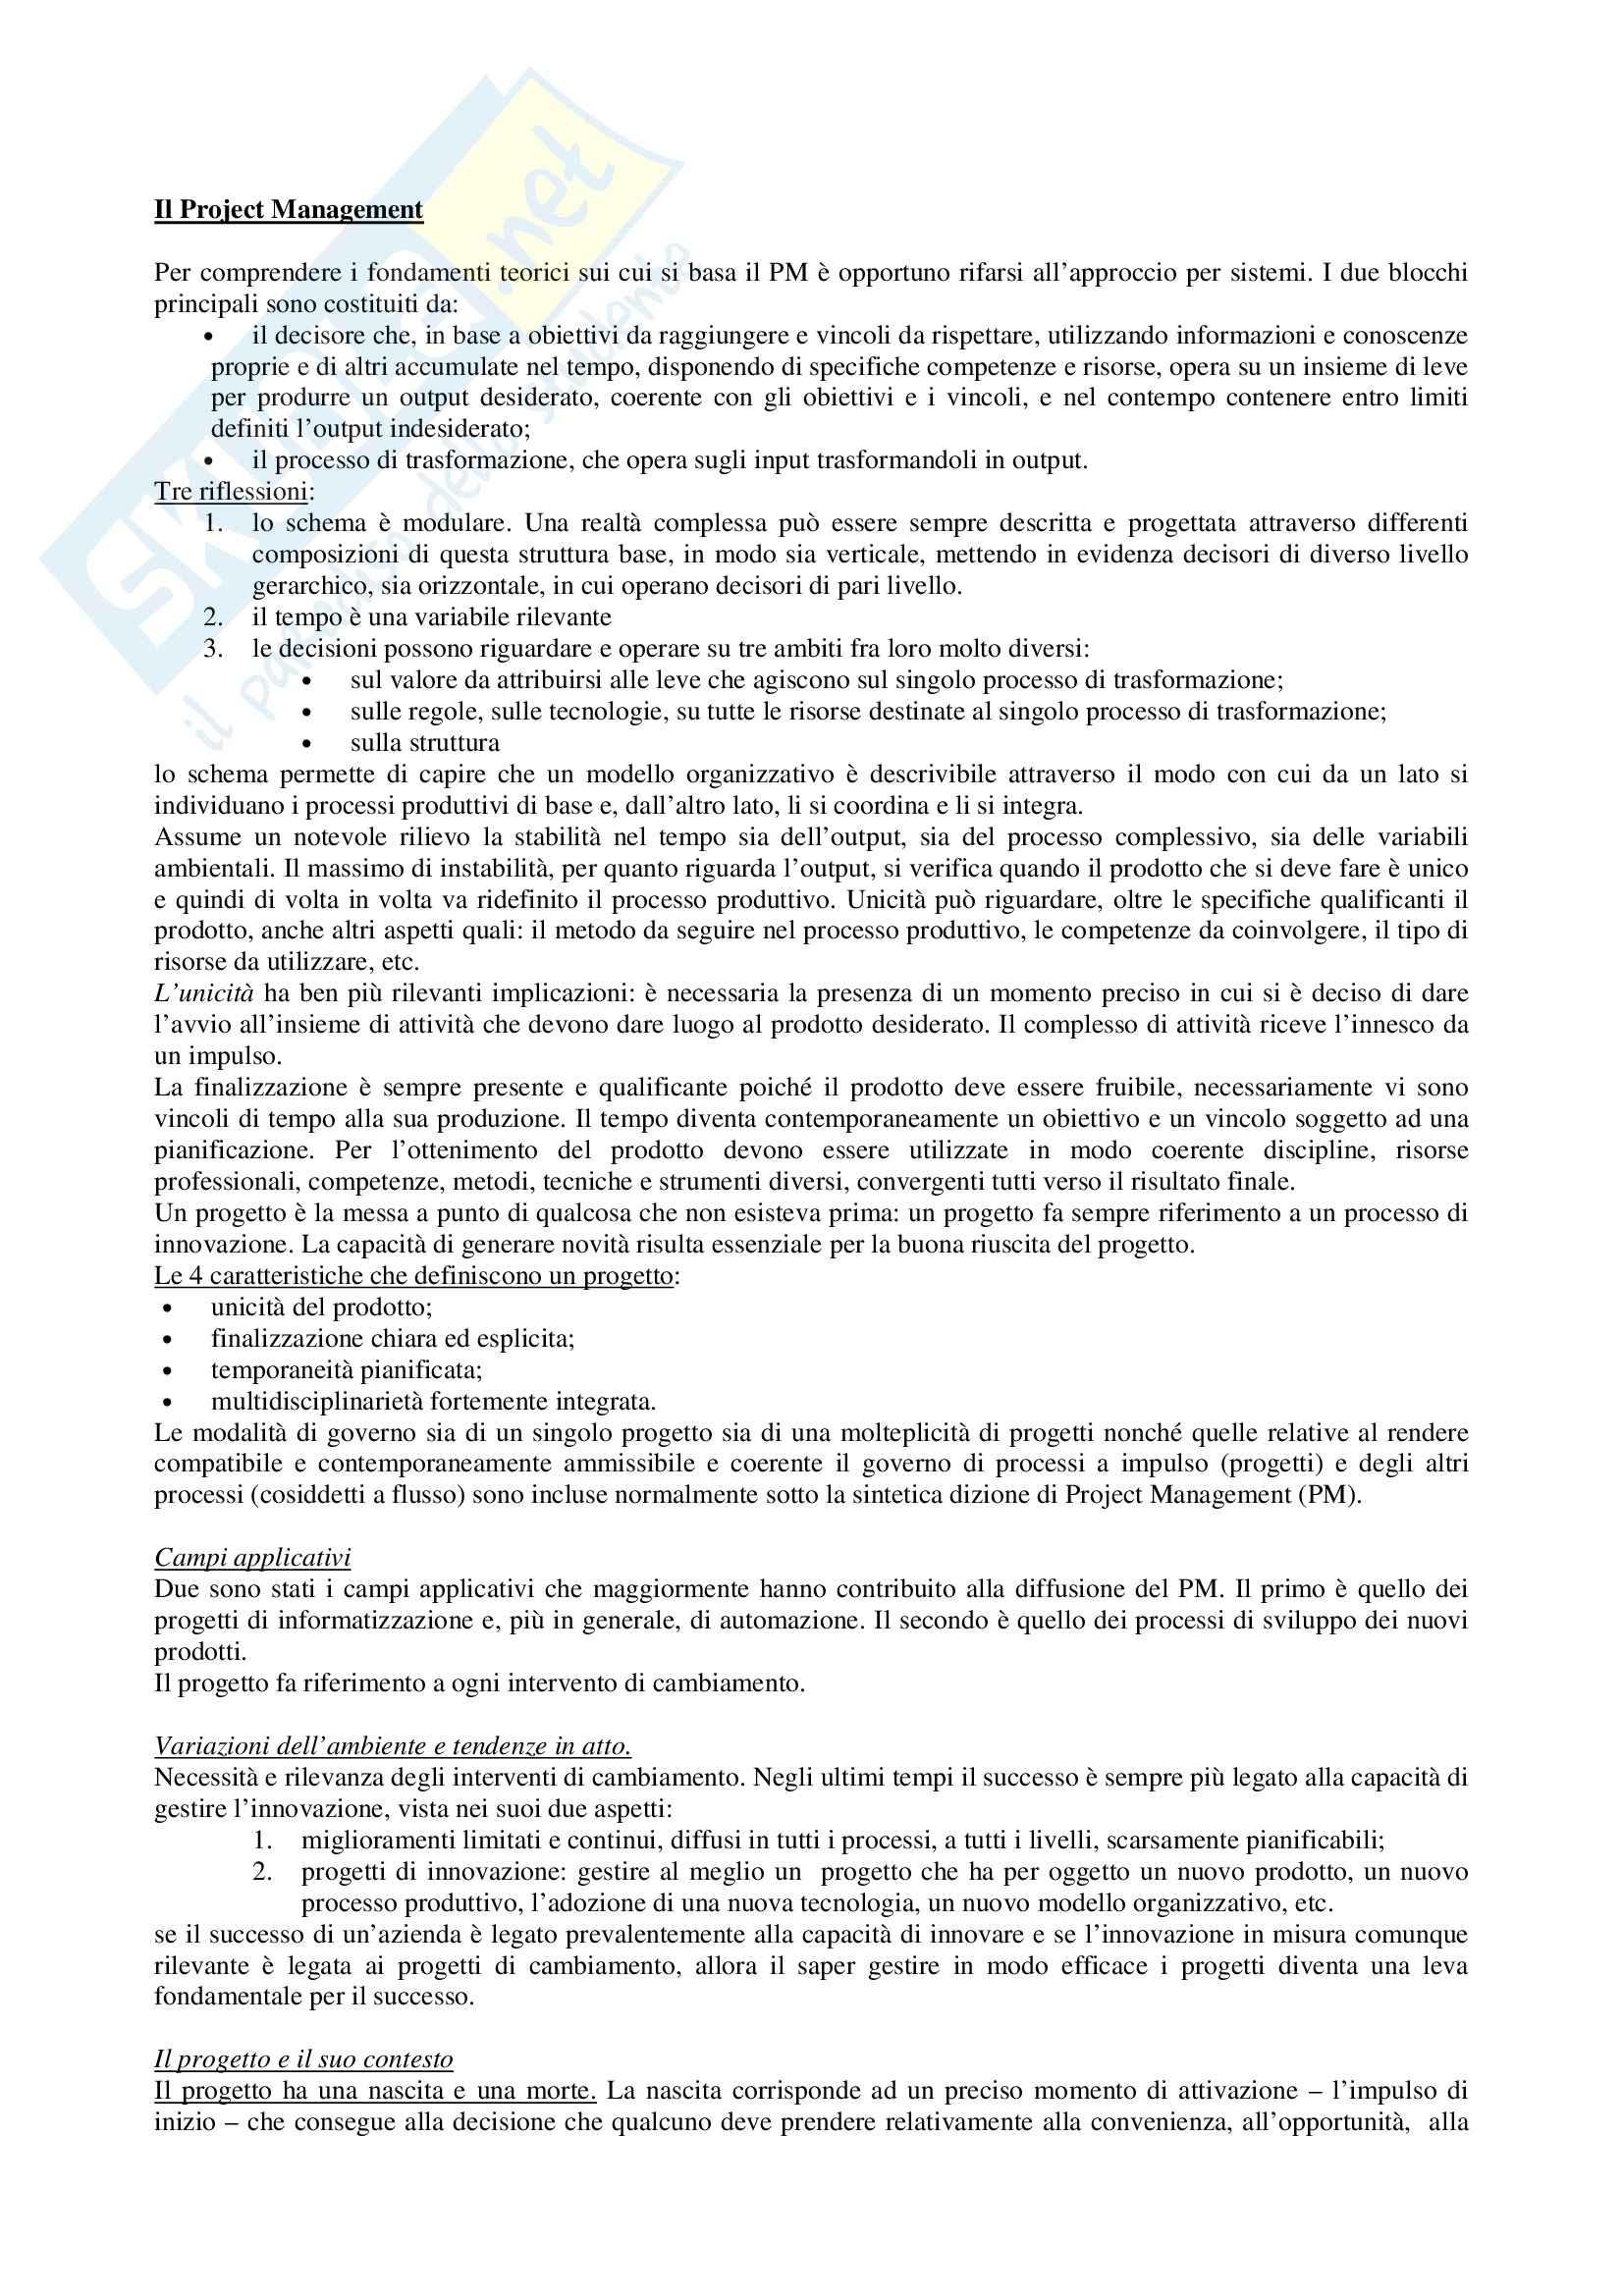 Economia ed organizzazione aziendale - il Project Managemet